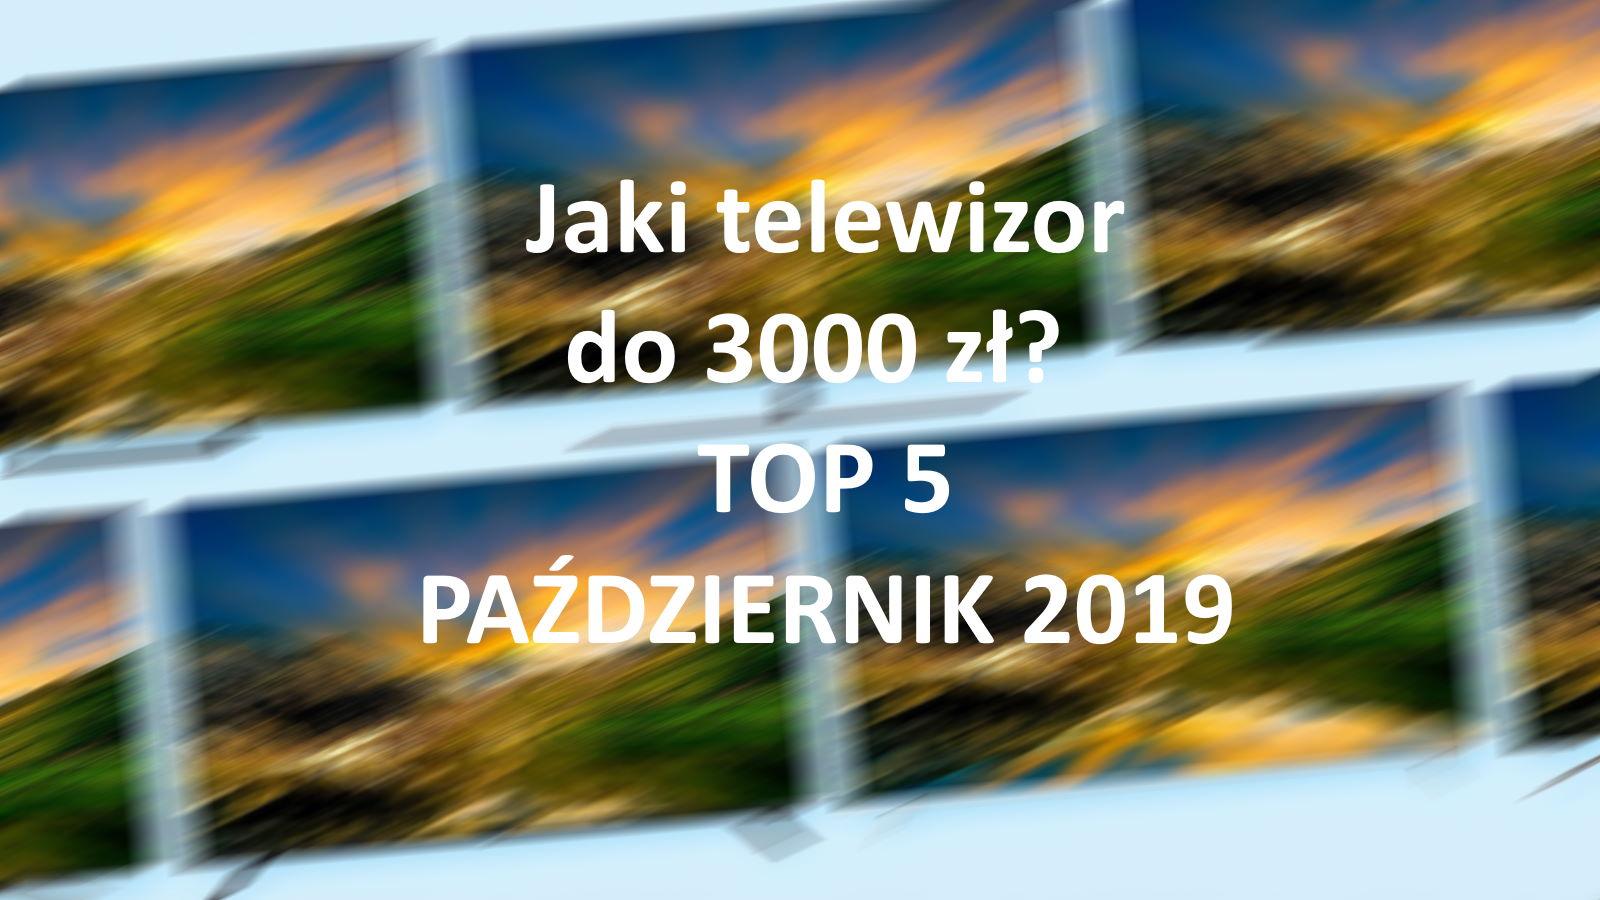 Jaki telewizor do 3000 zł? TOP5 polecanych modeli październik 2019